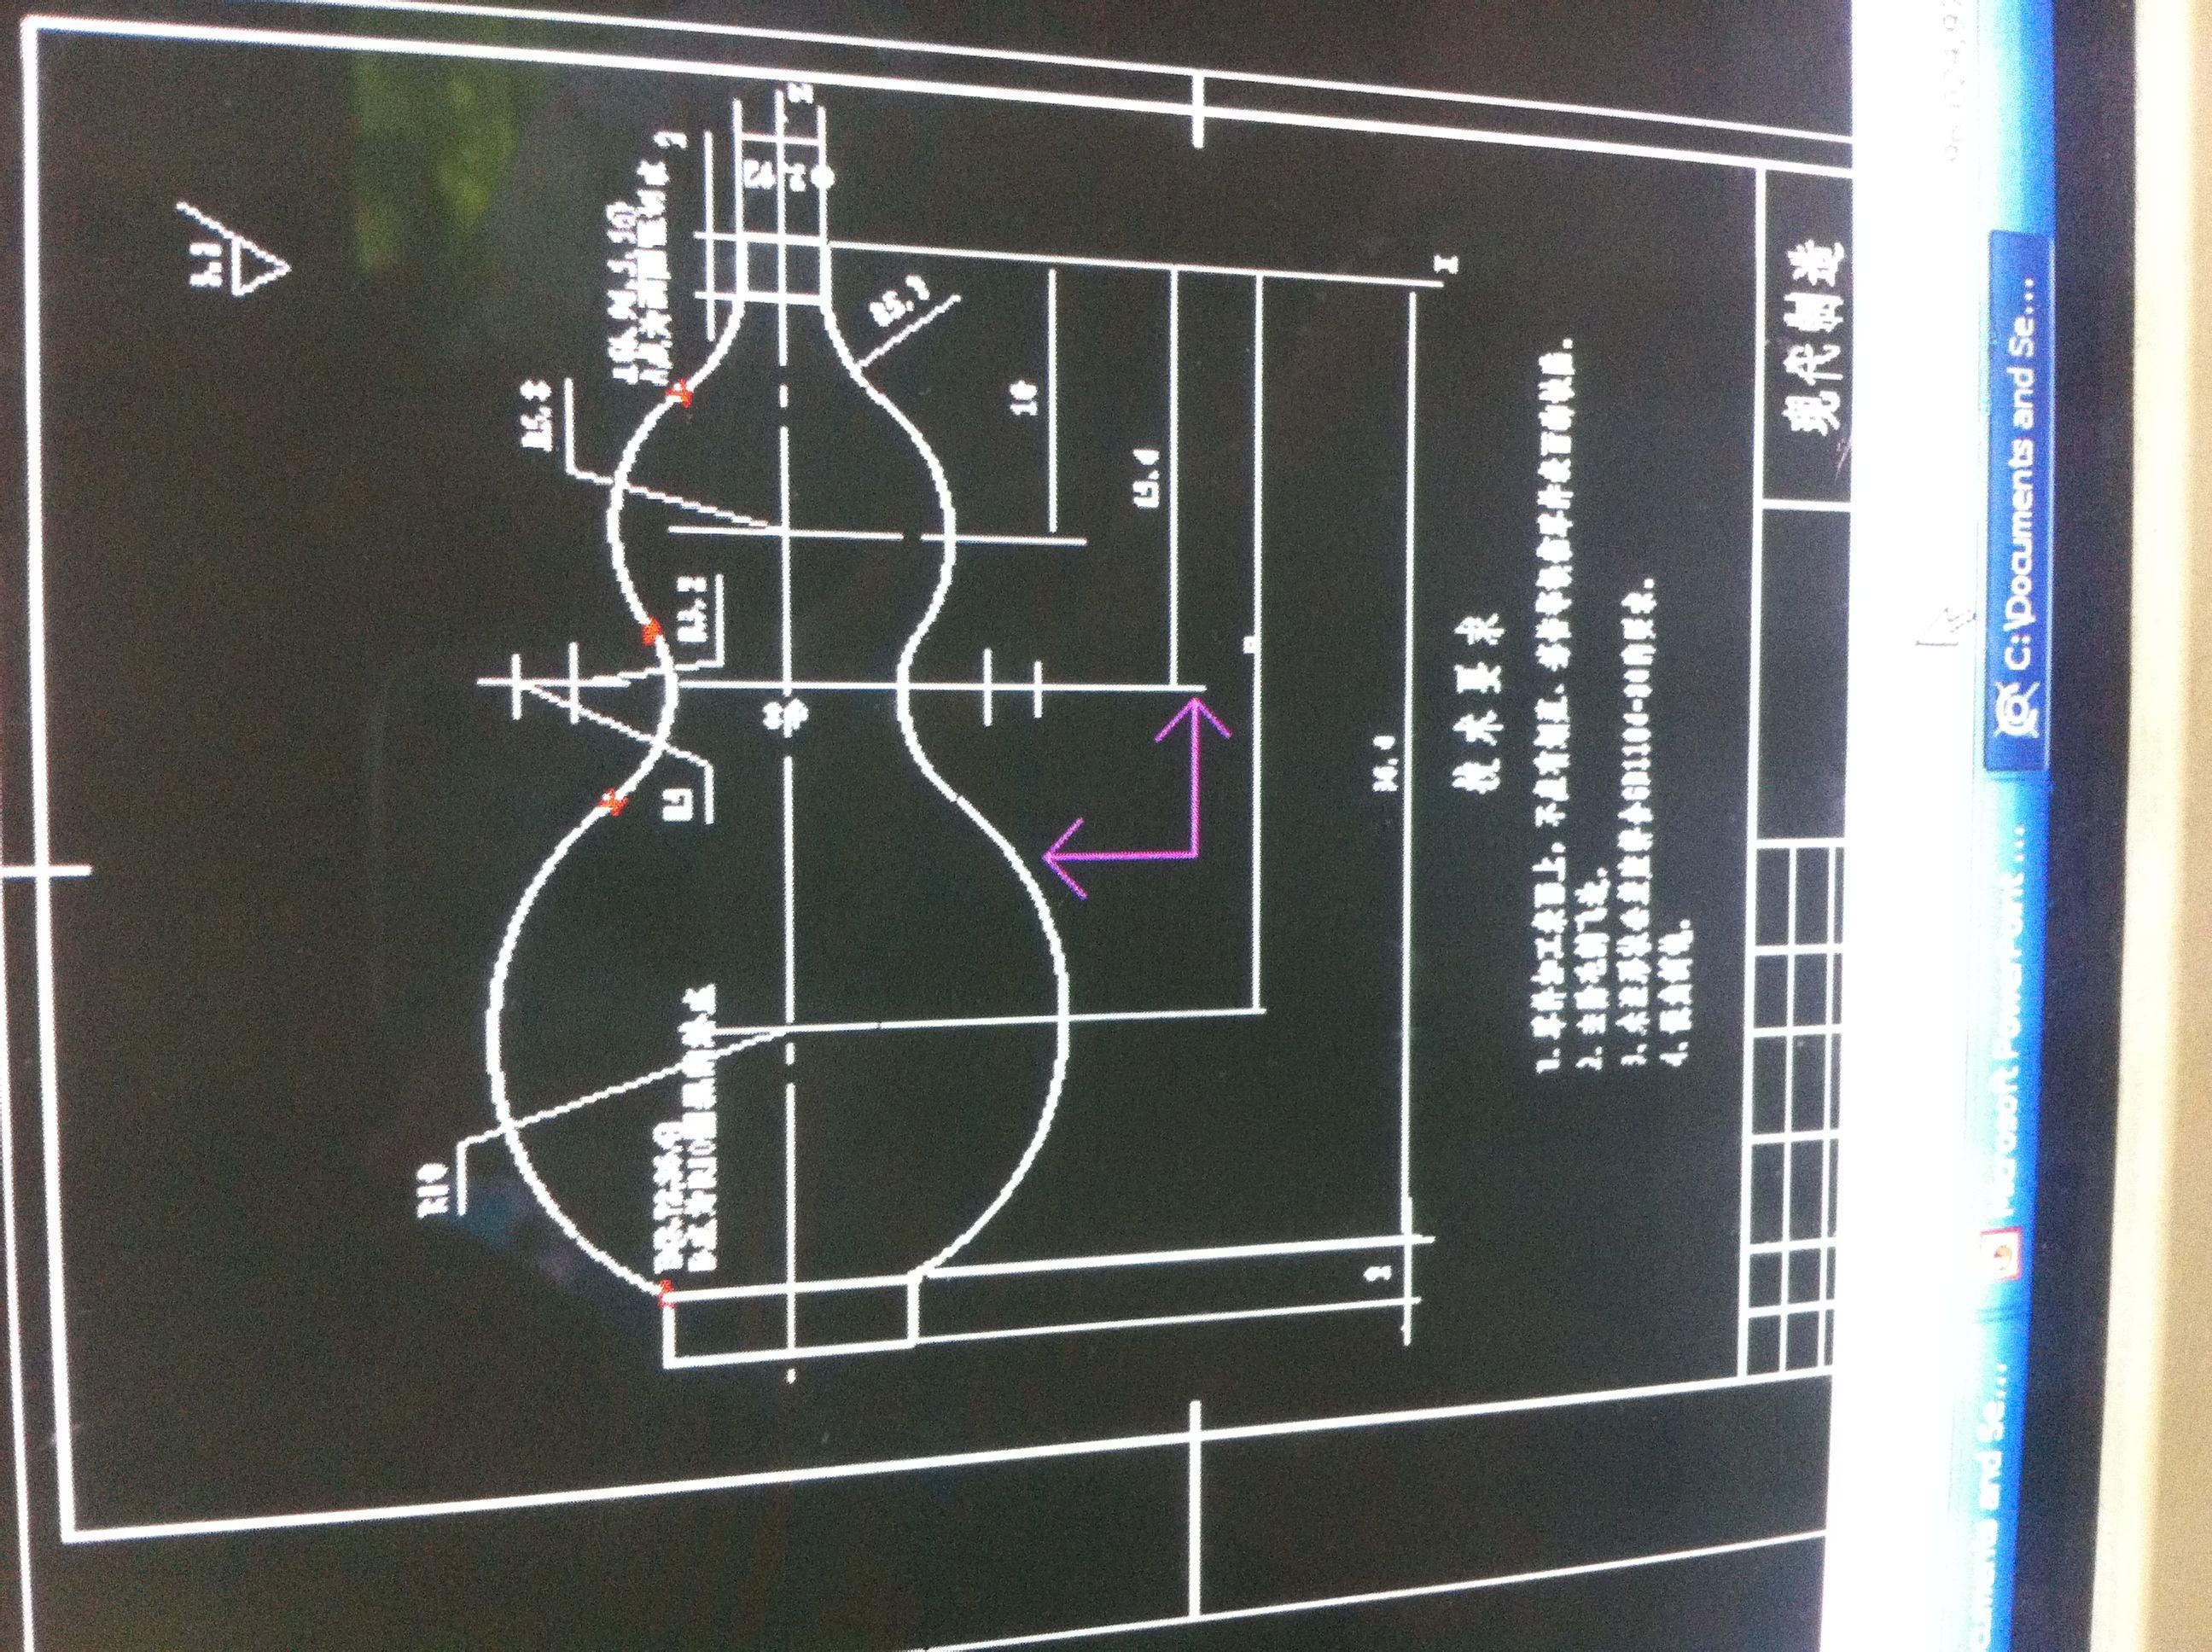 帮忙写个数控车床手工编程制作小葫芦(三节)的程序.急